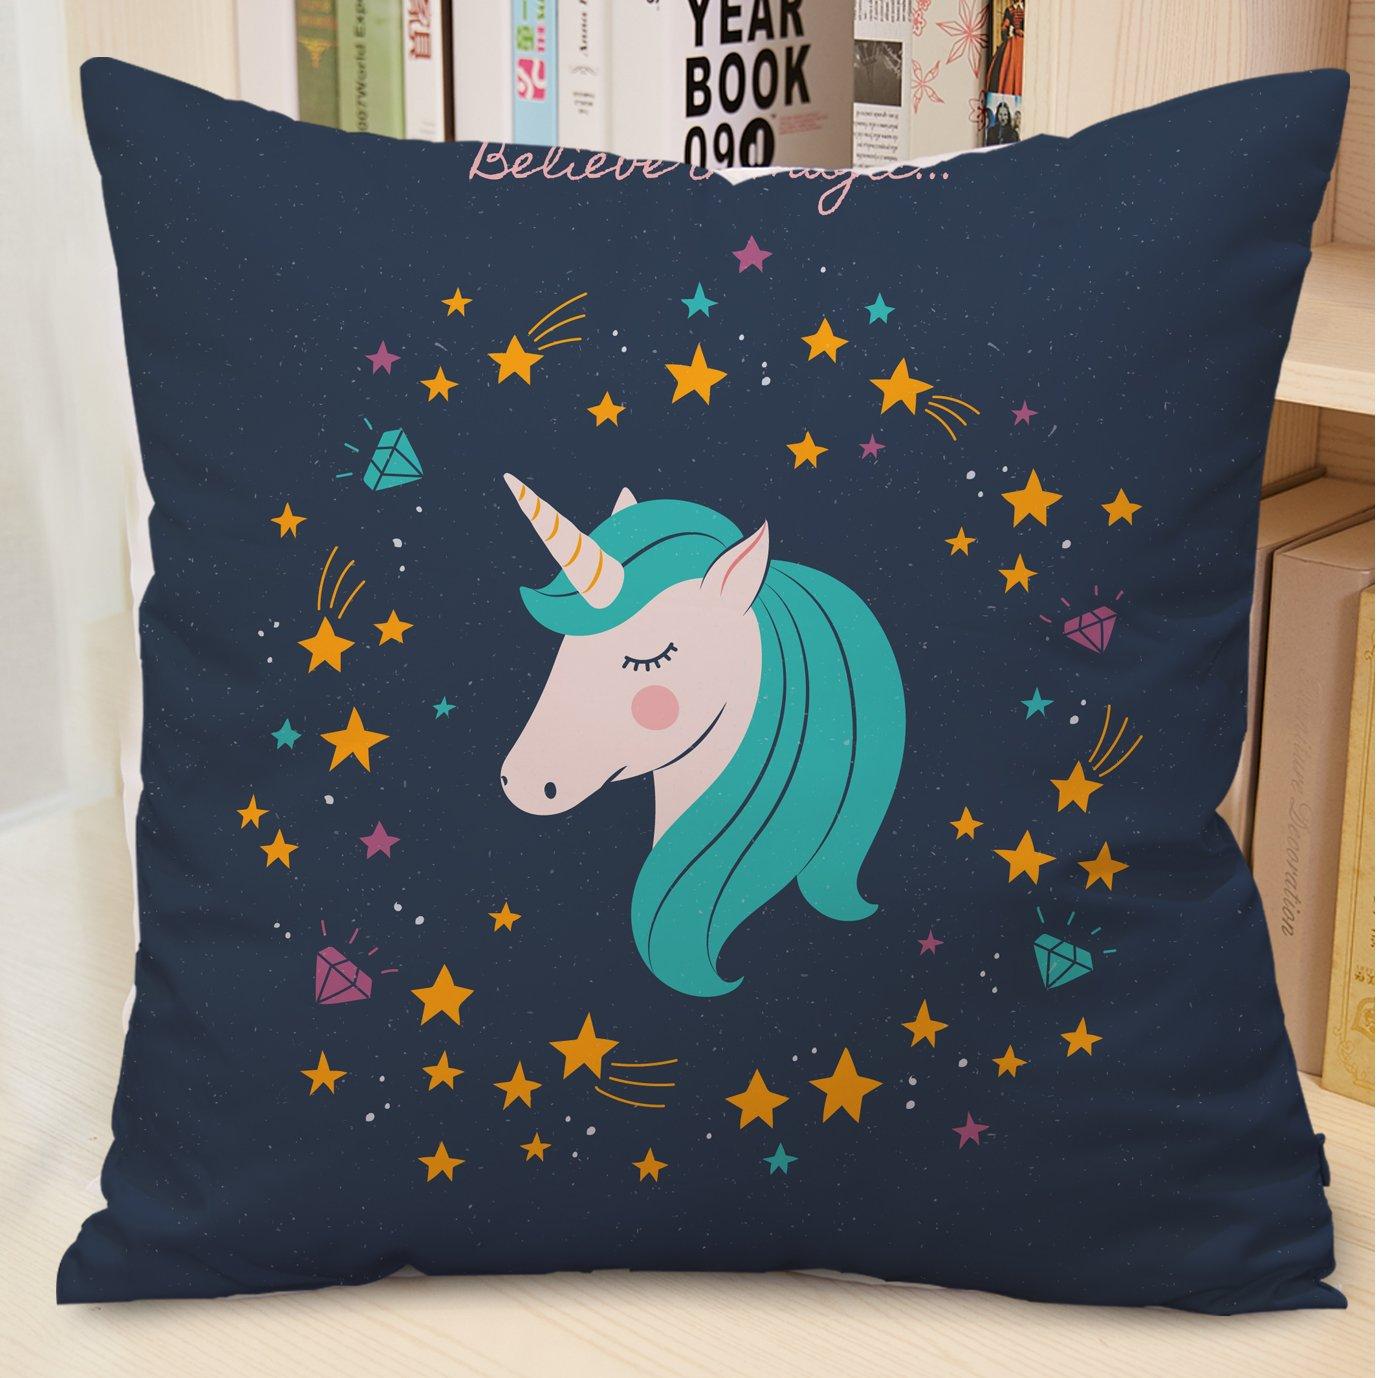 Motivo Unicorni 45 X 45 Cm Stampa Su Due Lati 4 Pack A Federa Per Cuscino Decorativo Tessili Per La Casa Casa E Cucina Nsb Group Com